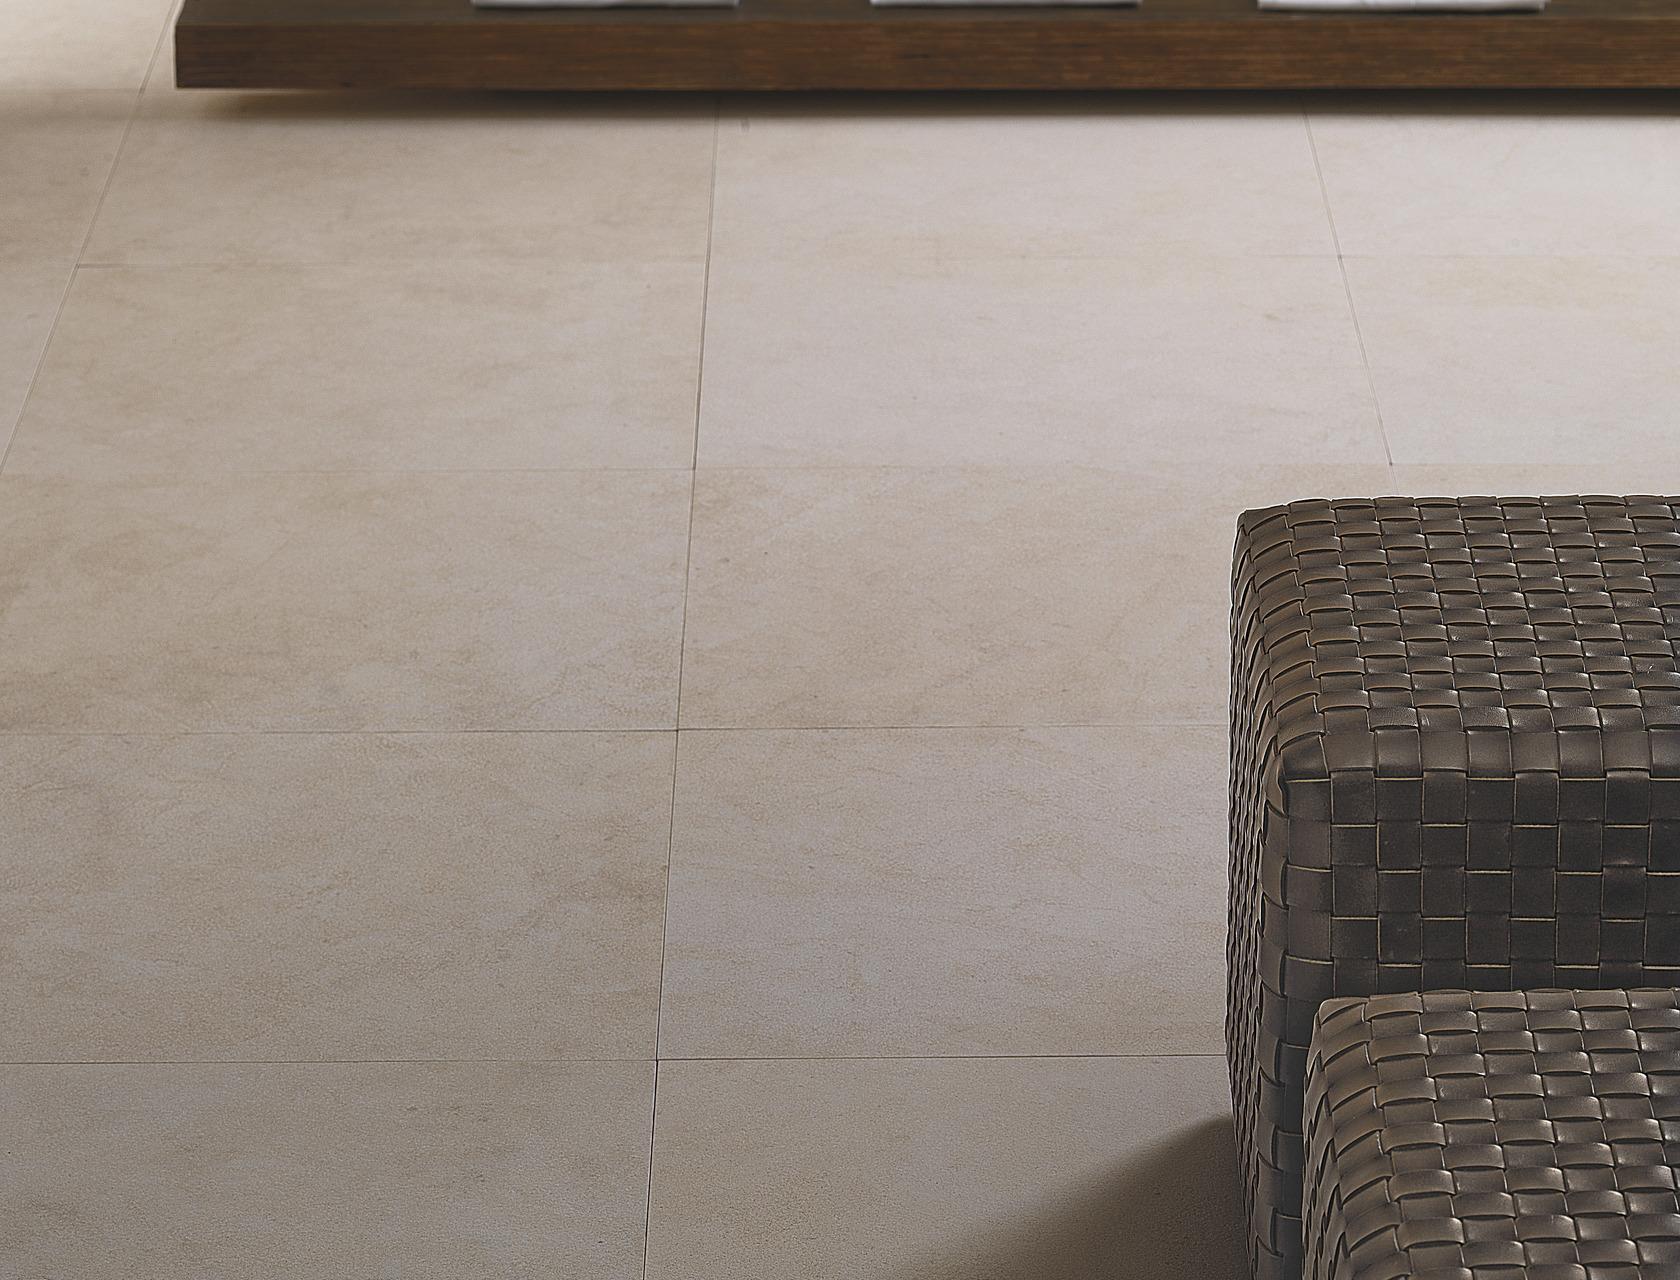 Fußboden Fliesen Dicke ~ Crema europa fliesen für hellen fußboden steinoptik